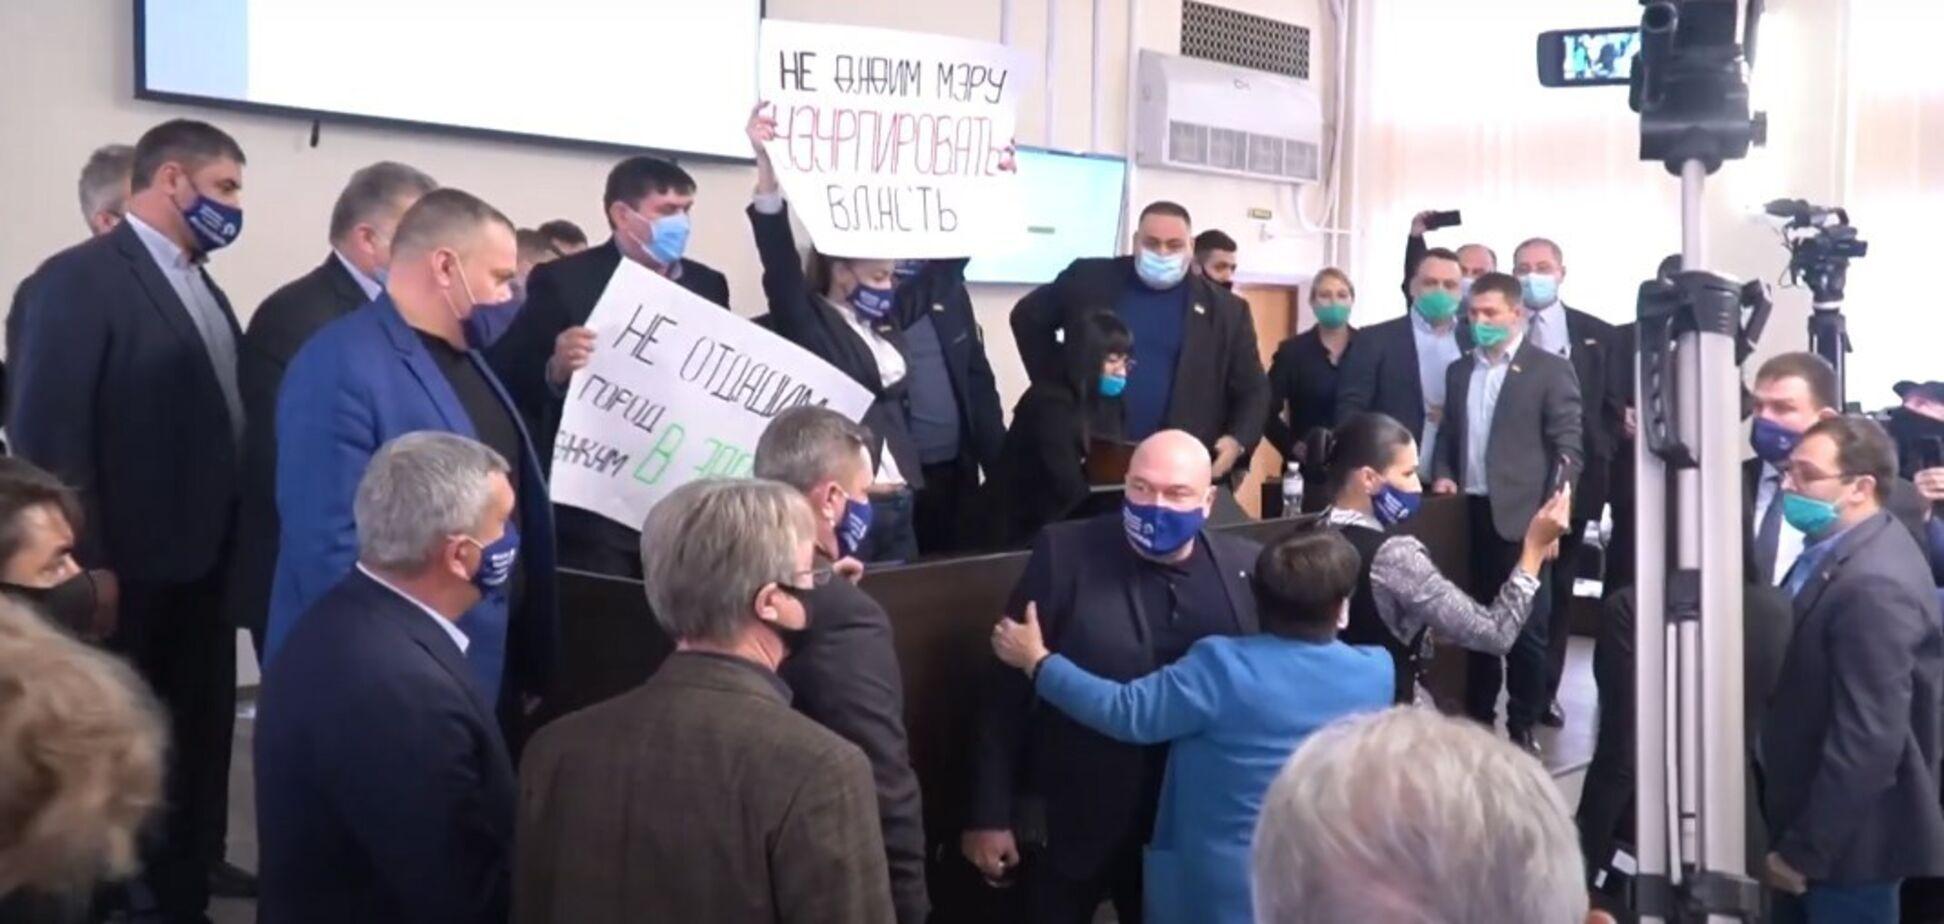 Влаштували бійку і трощили меблі: в Маріуполі депутати від ОПЗЖ намагалися зірвати голосування за бюджет